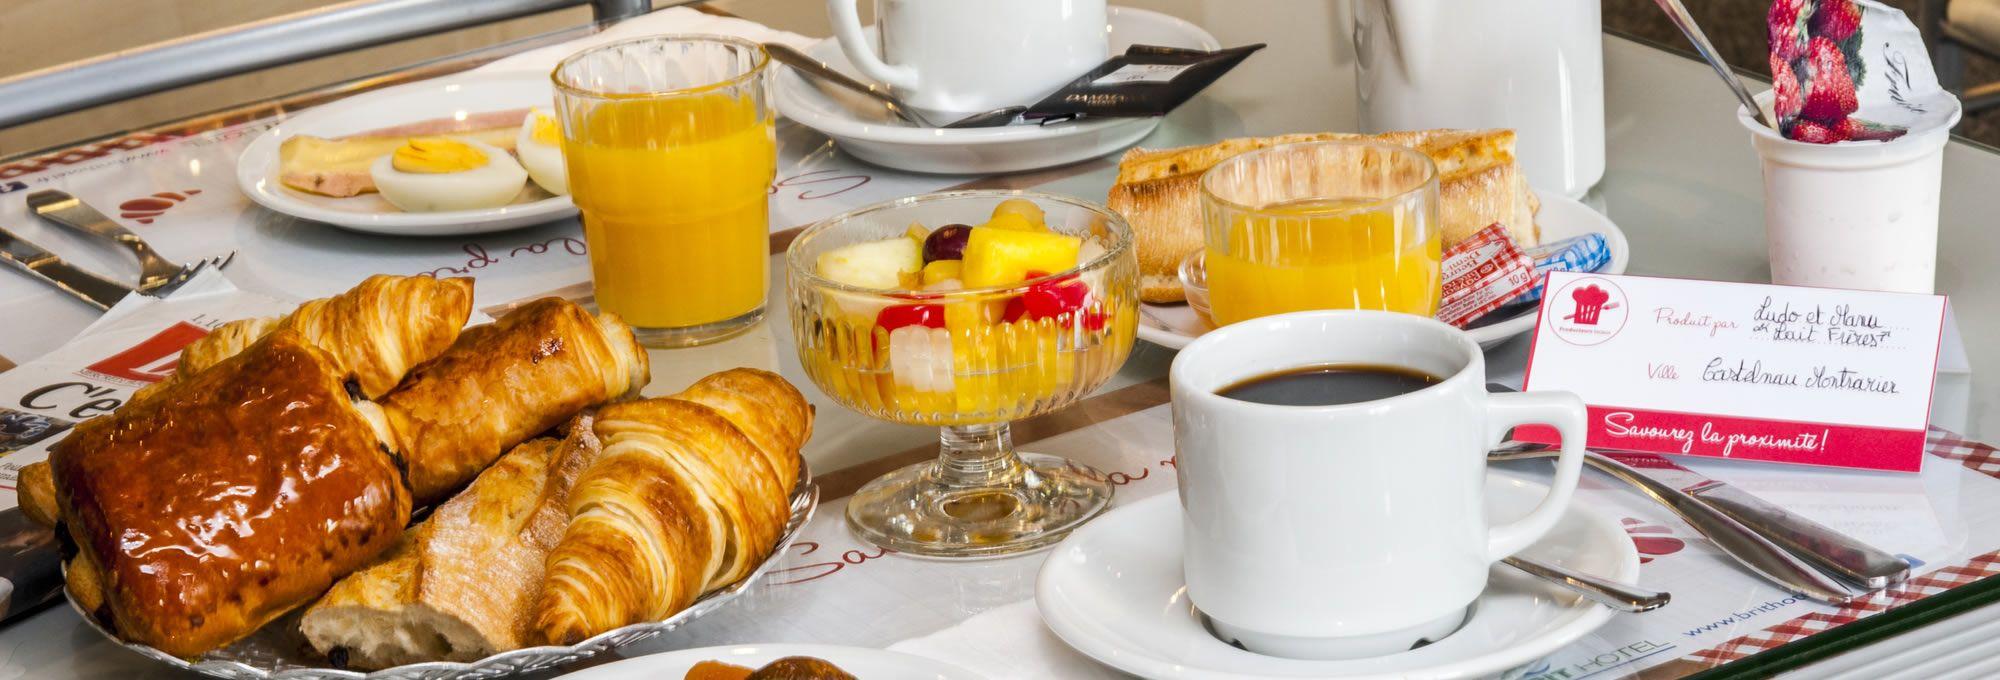 Notre petit-déjeuner local